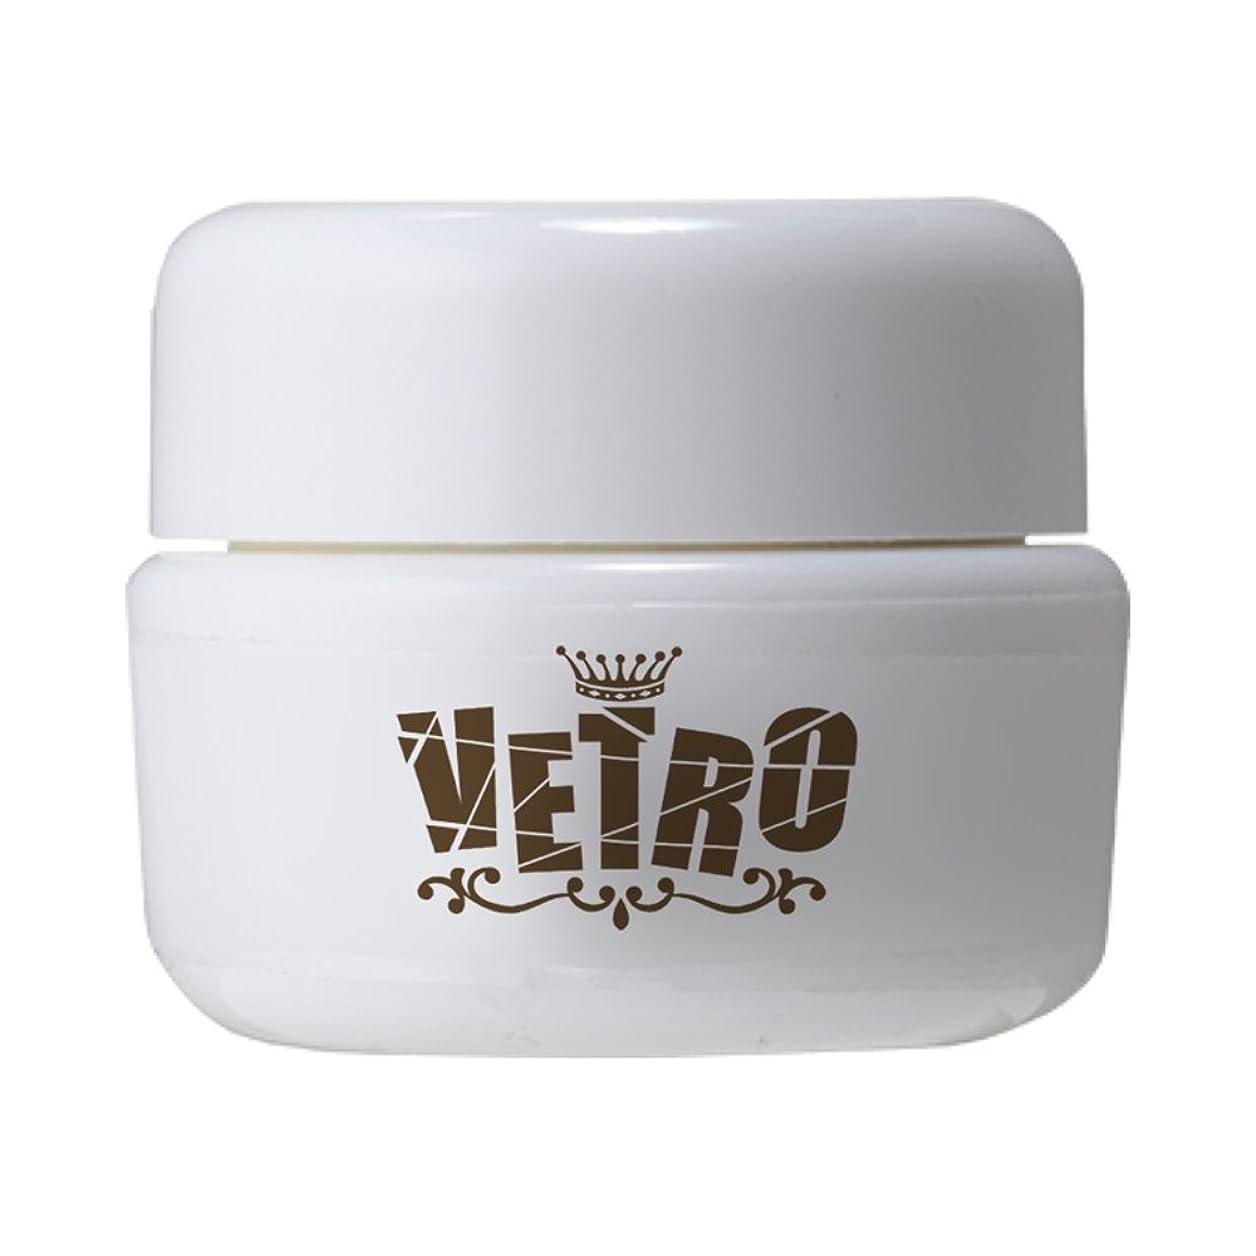 何故なの入り口金額VETRO No.19 カラージェル マット VL149 エナメルハート 4ml